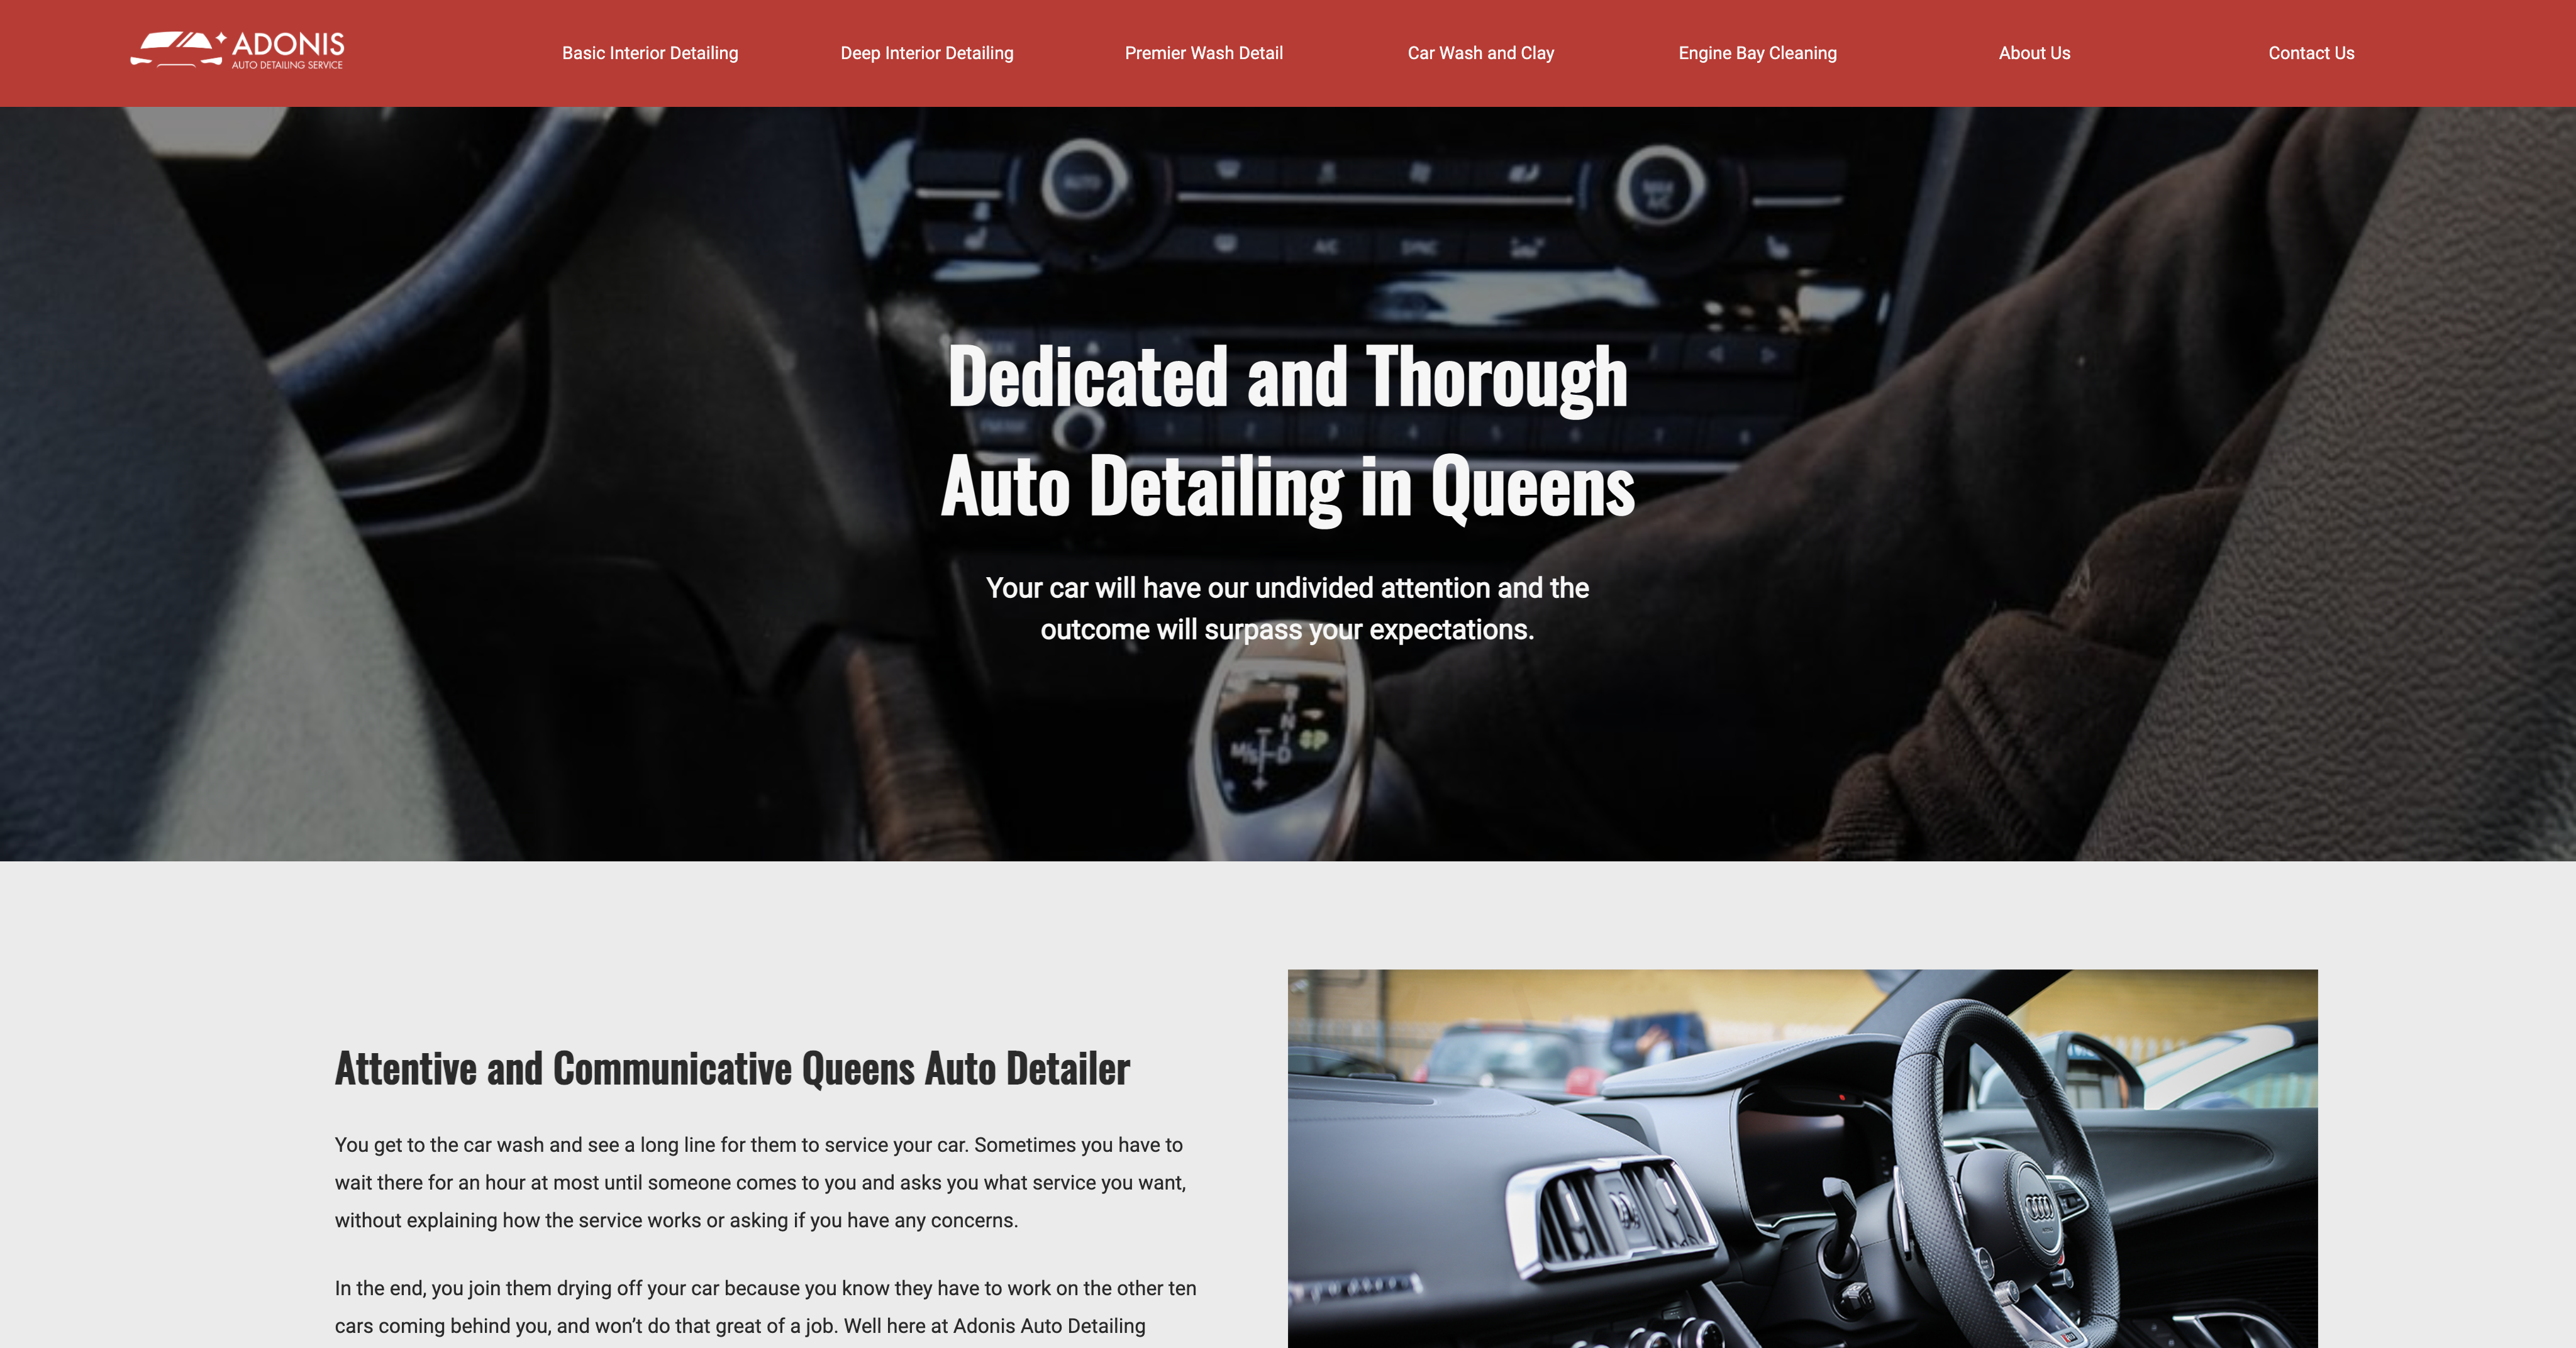 Adonis website homepage